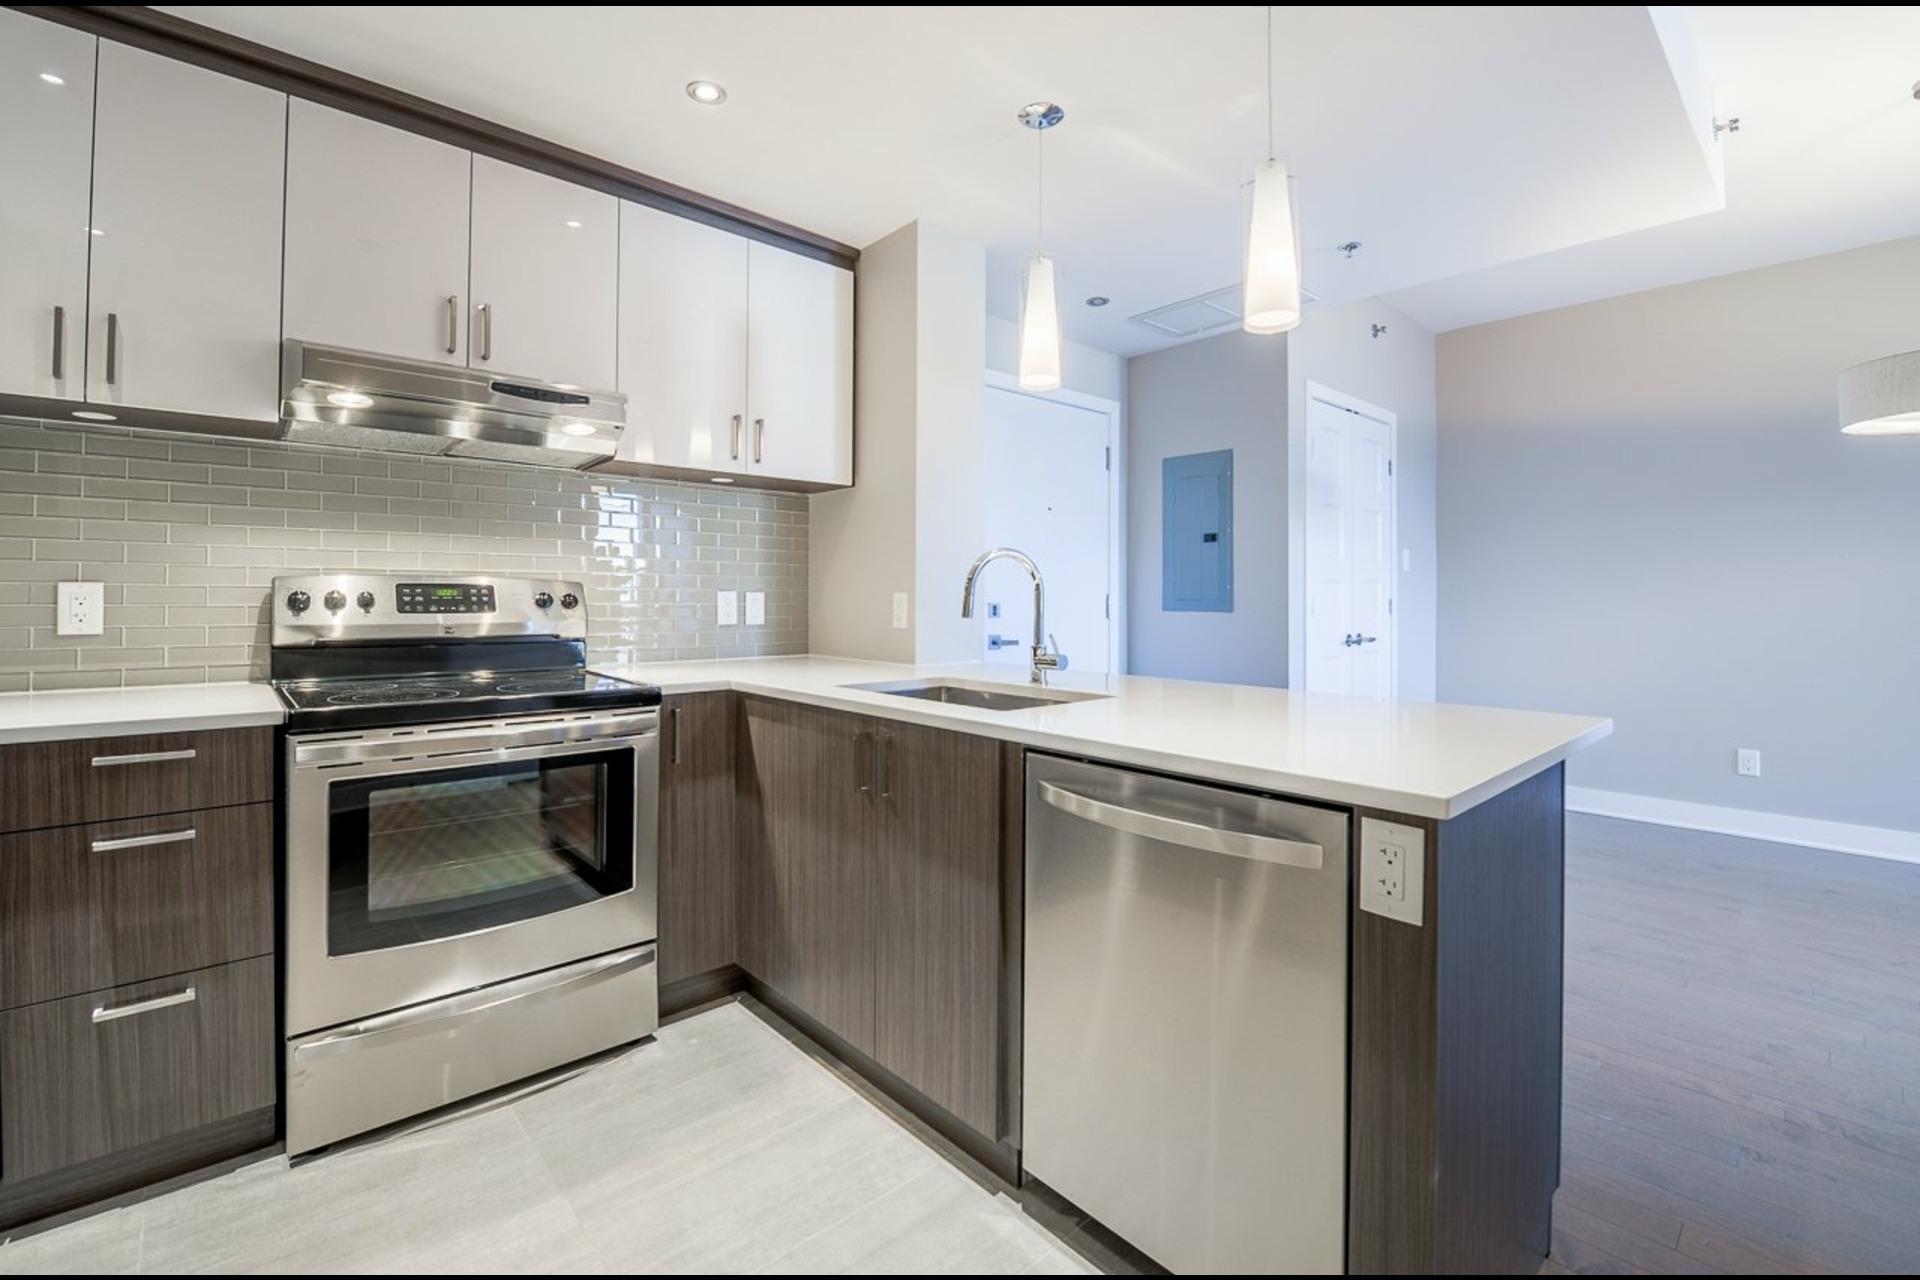 image 7 - Appartement À louer Montréal Rosemont/La Petite-Patrie  - 4 pièces